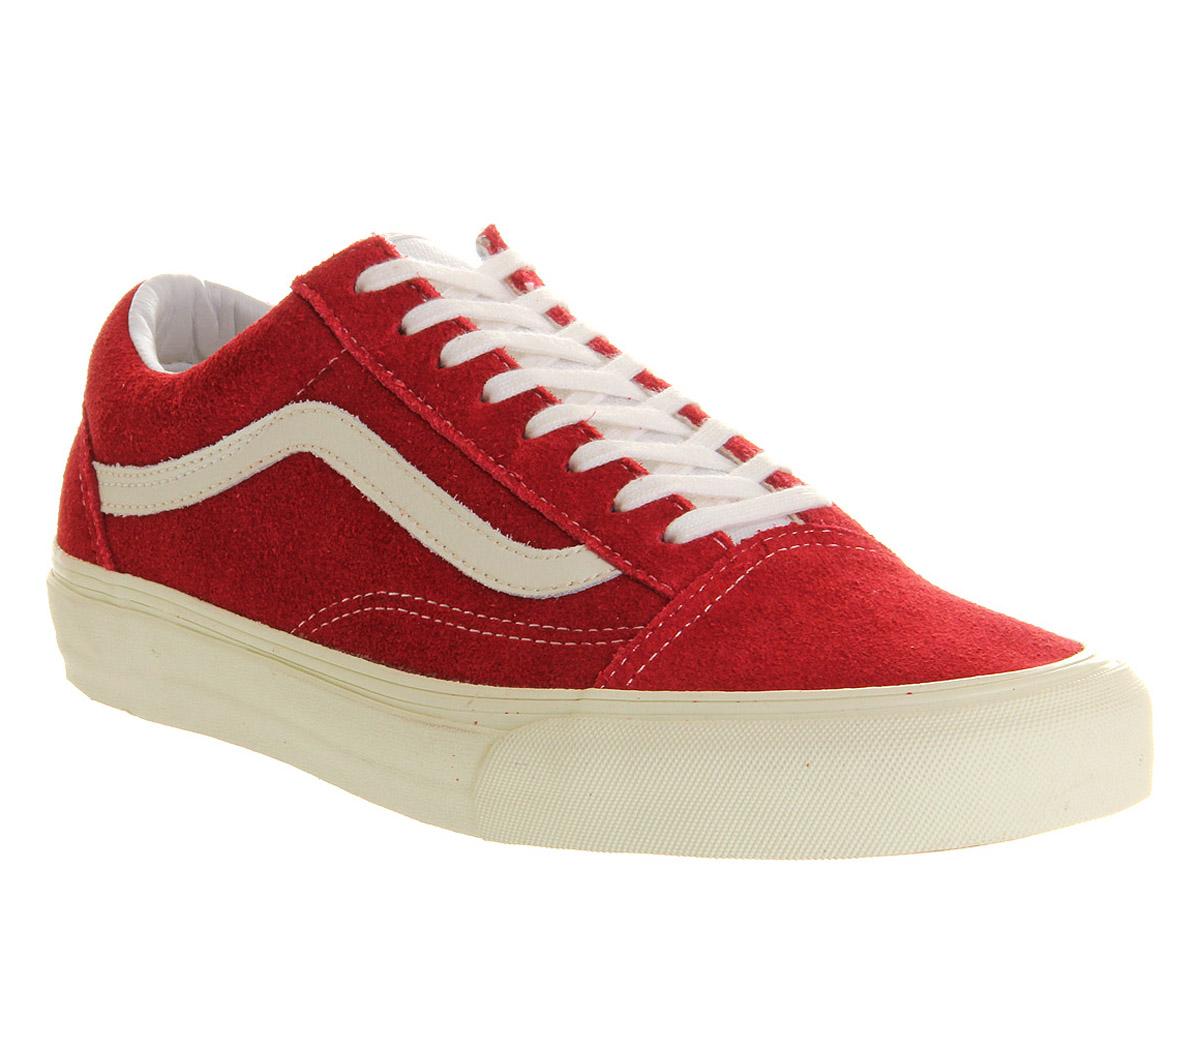 vans old skool vintage rio red trainers shoes ebay. Black Bedroom Furniture Sets. Home Design Ideas